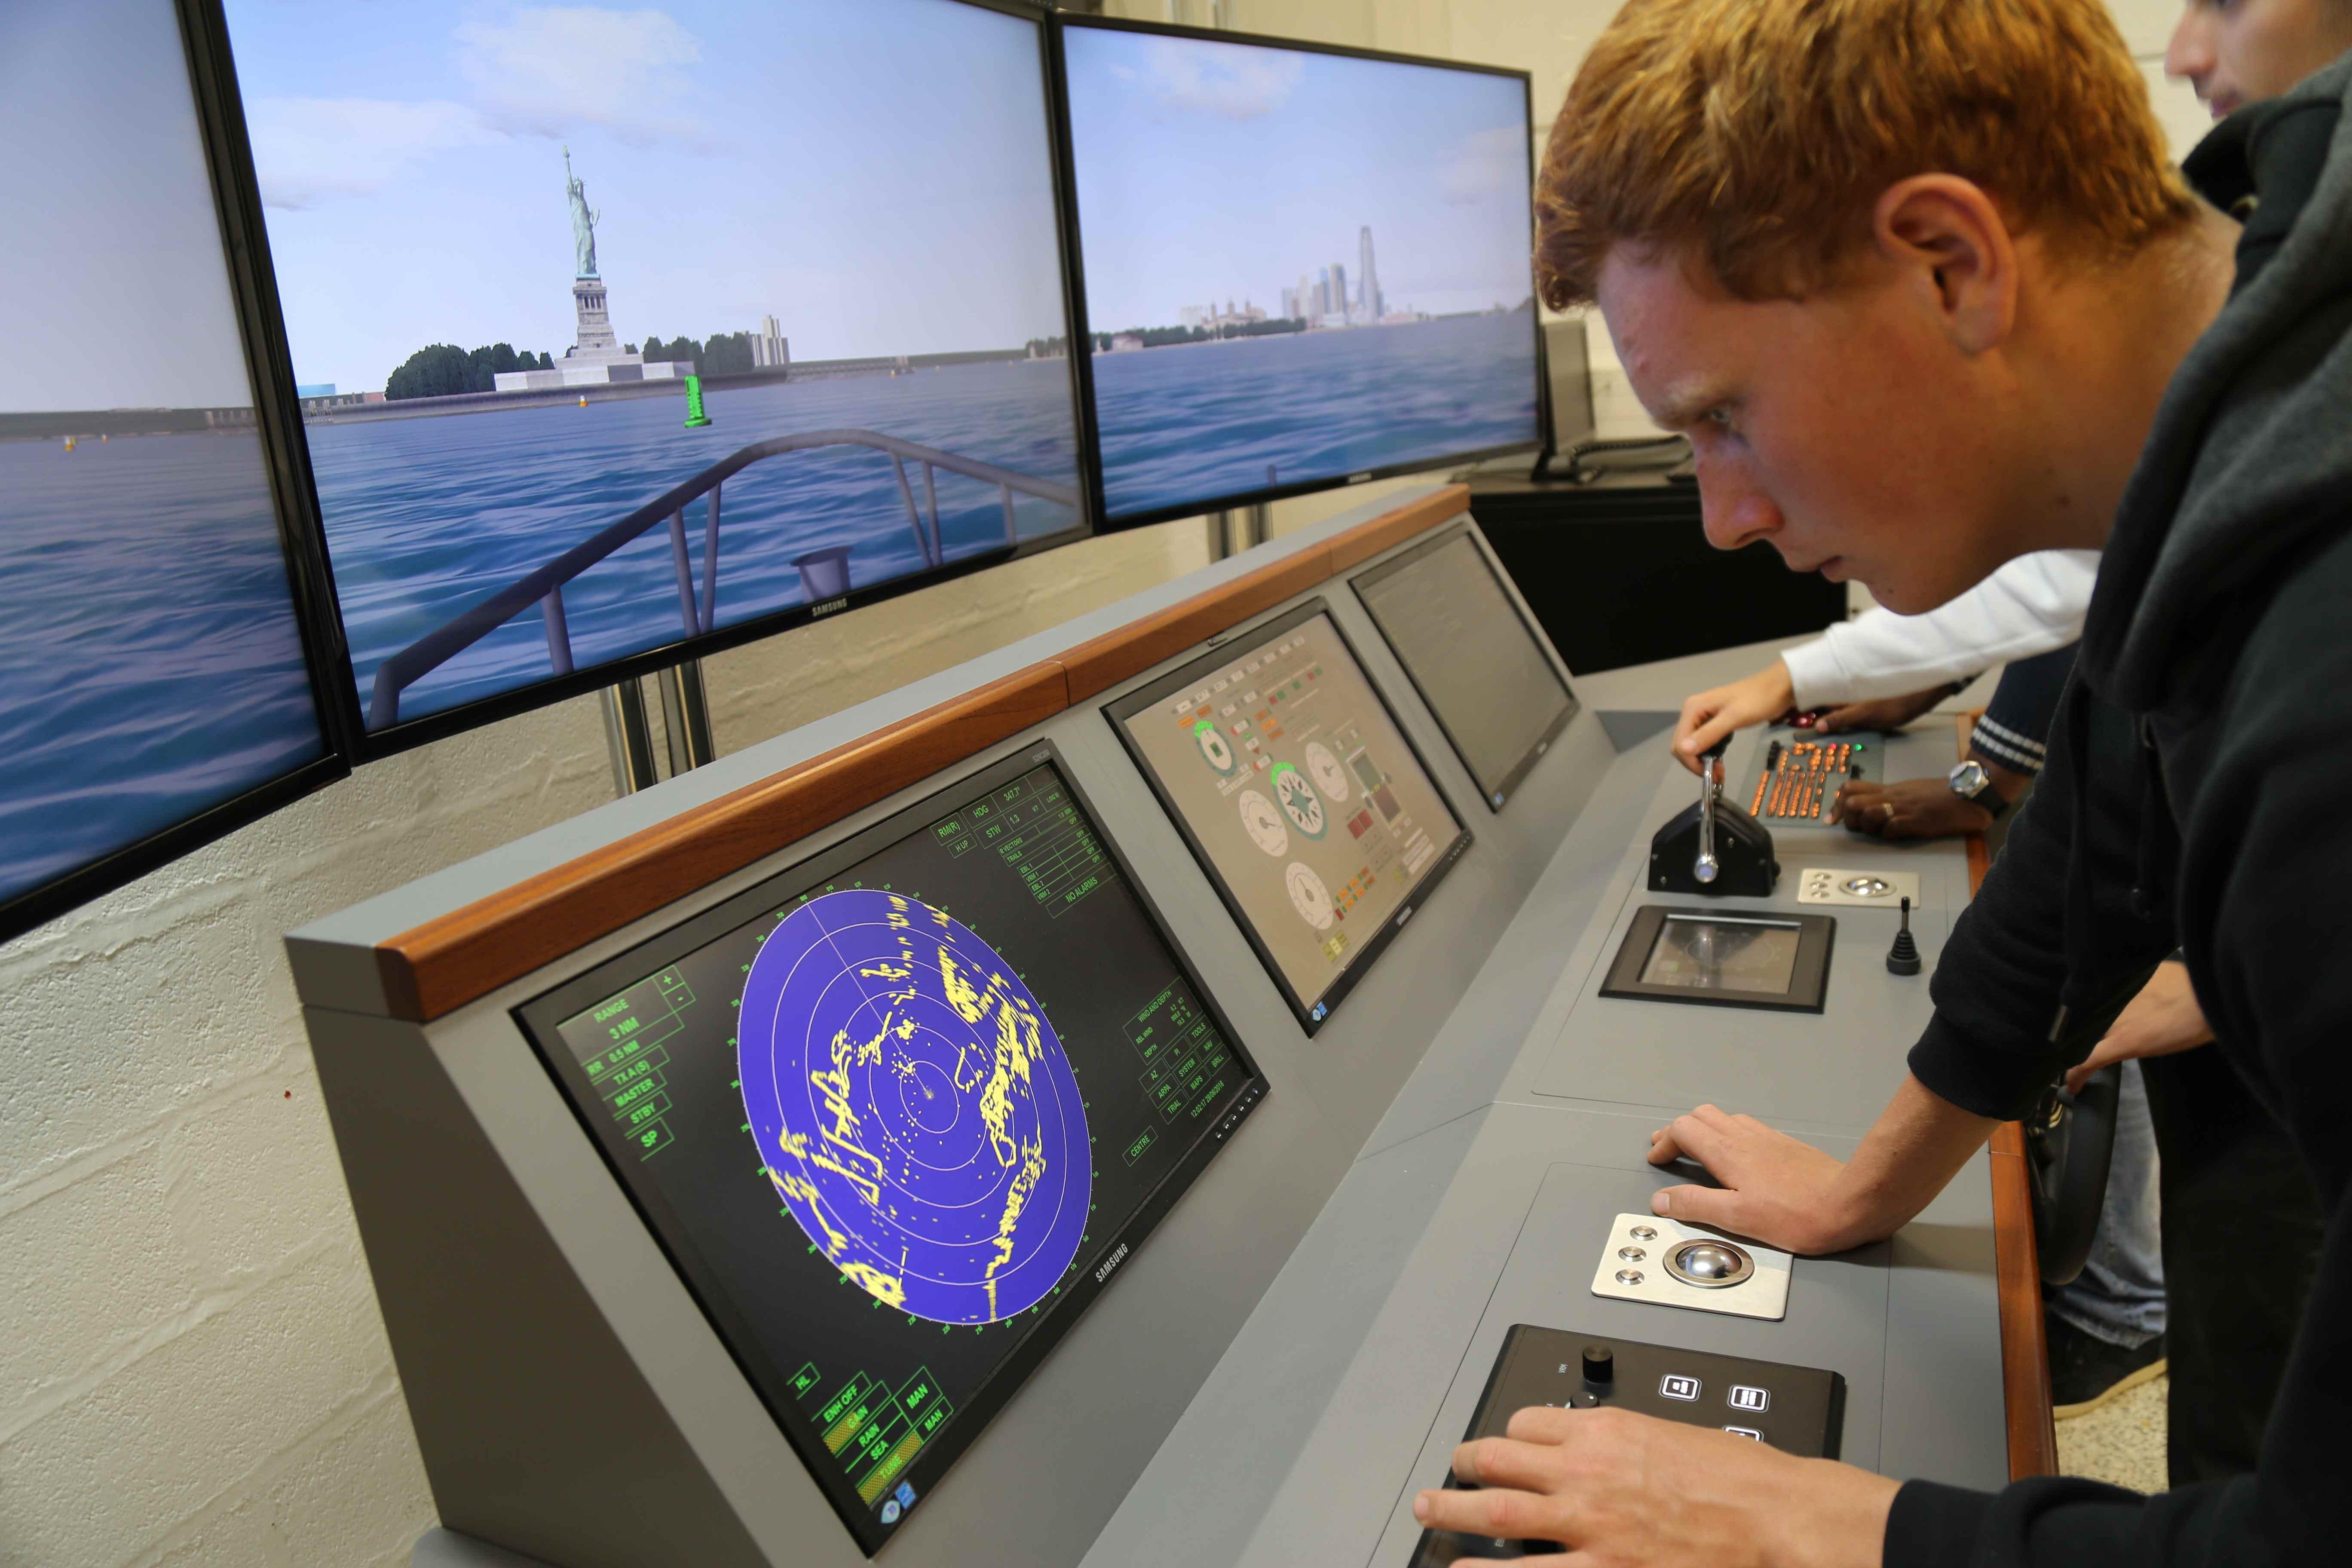 Élève en situation de manœuvre, scrutant le radar, à l'entrée de New-York. Photo Jacky Grange - LMA La Rochelle.